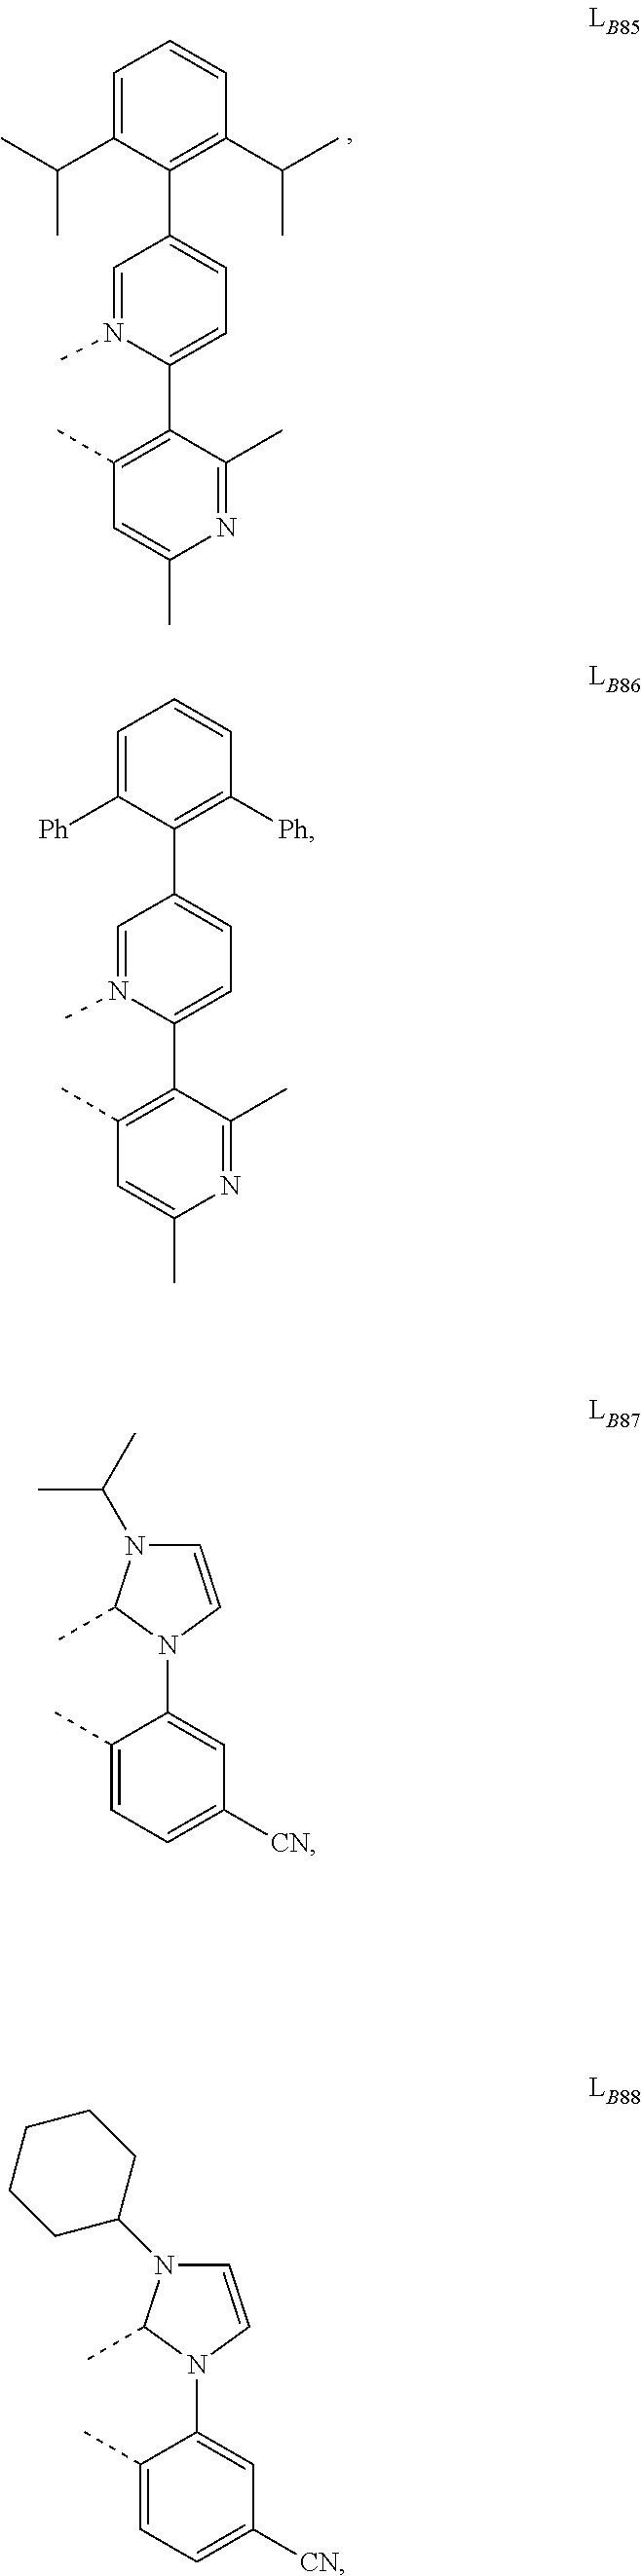 Figure US09905785-20180227-C00122